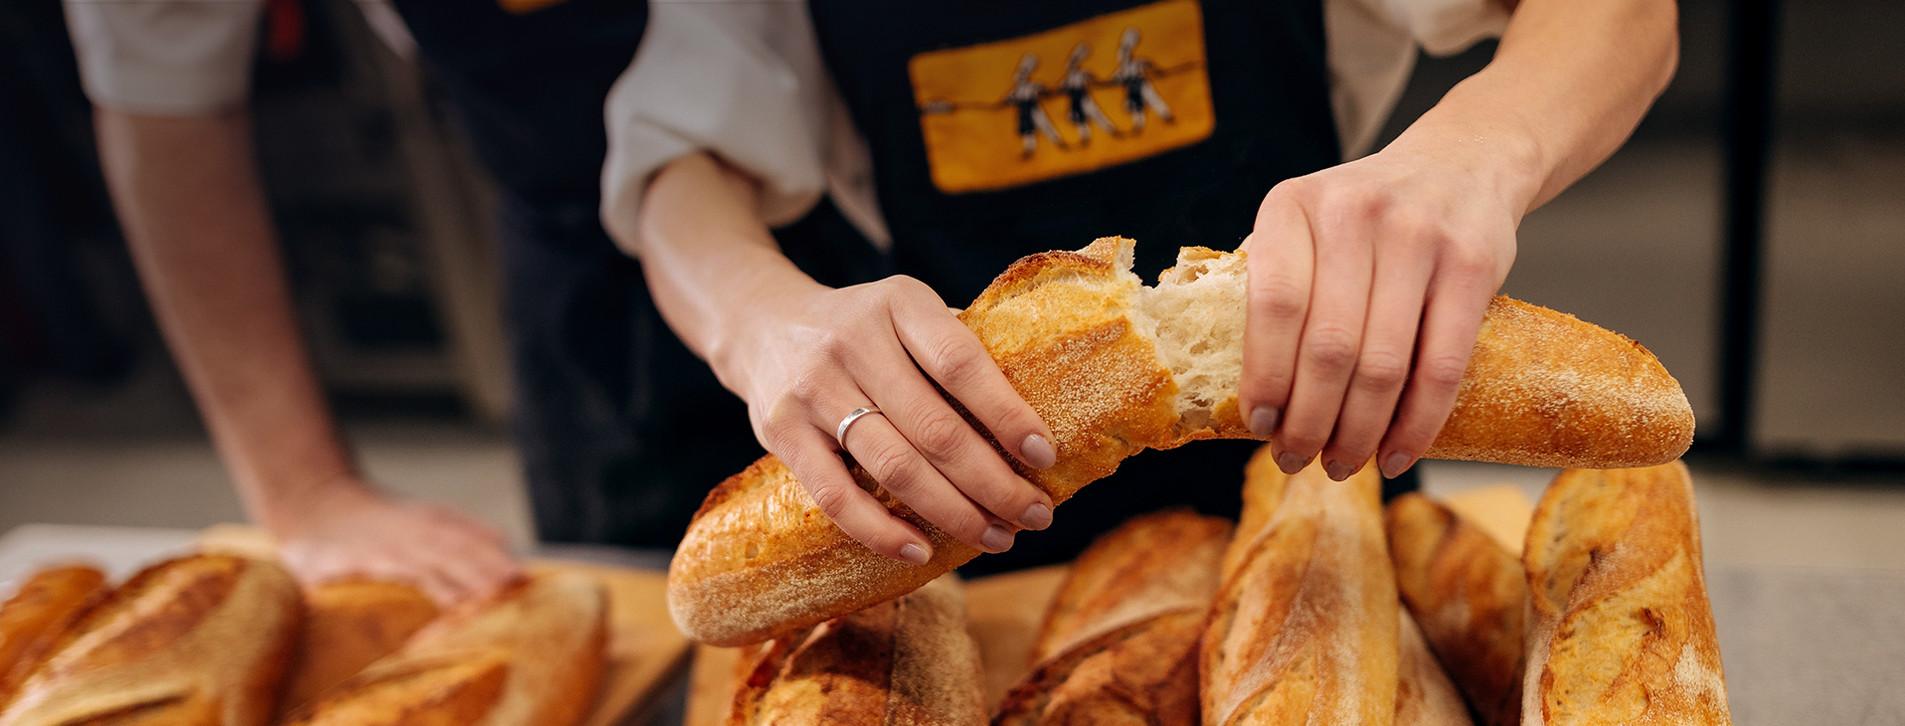 Фото 1 - Мастер-класс выпечки хлеба